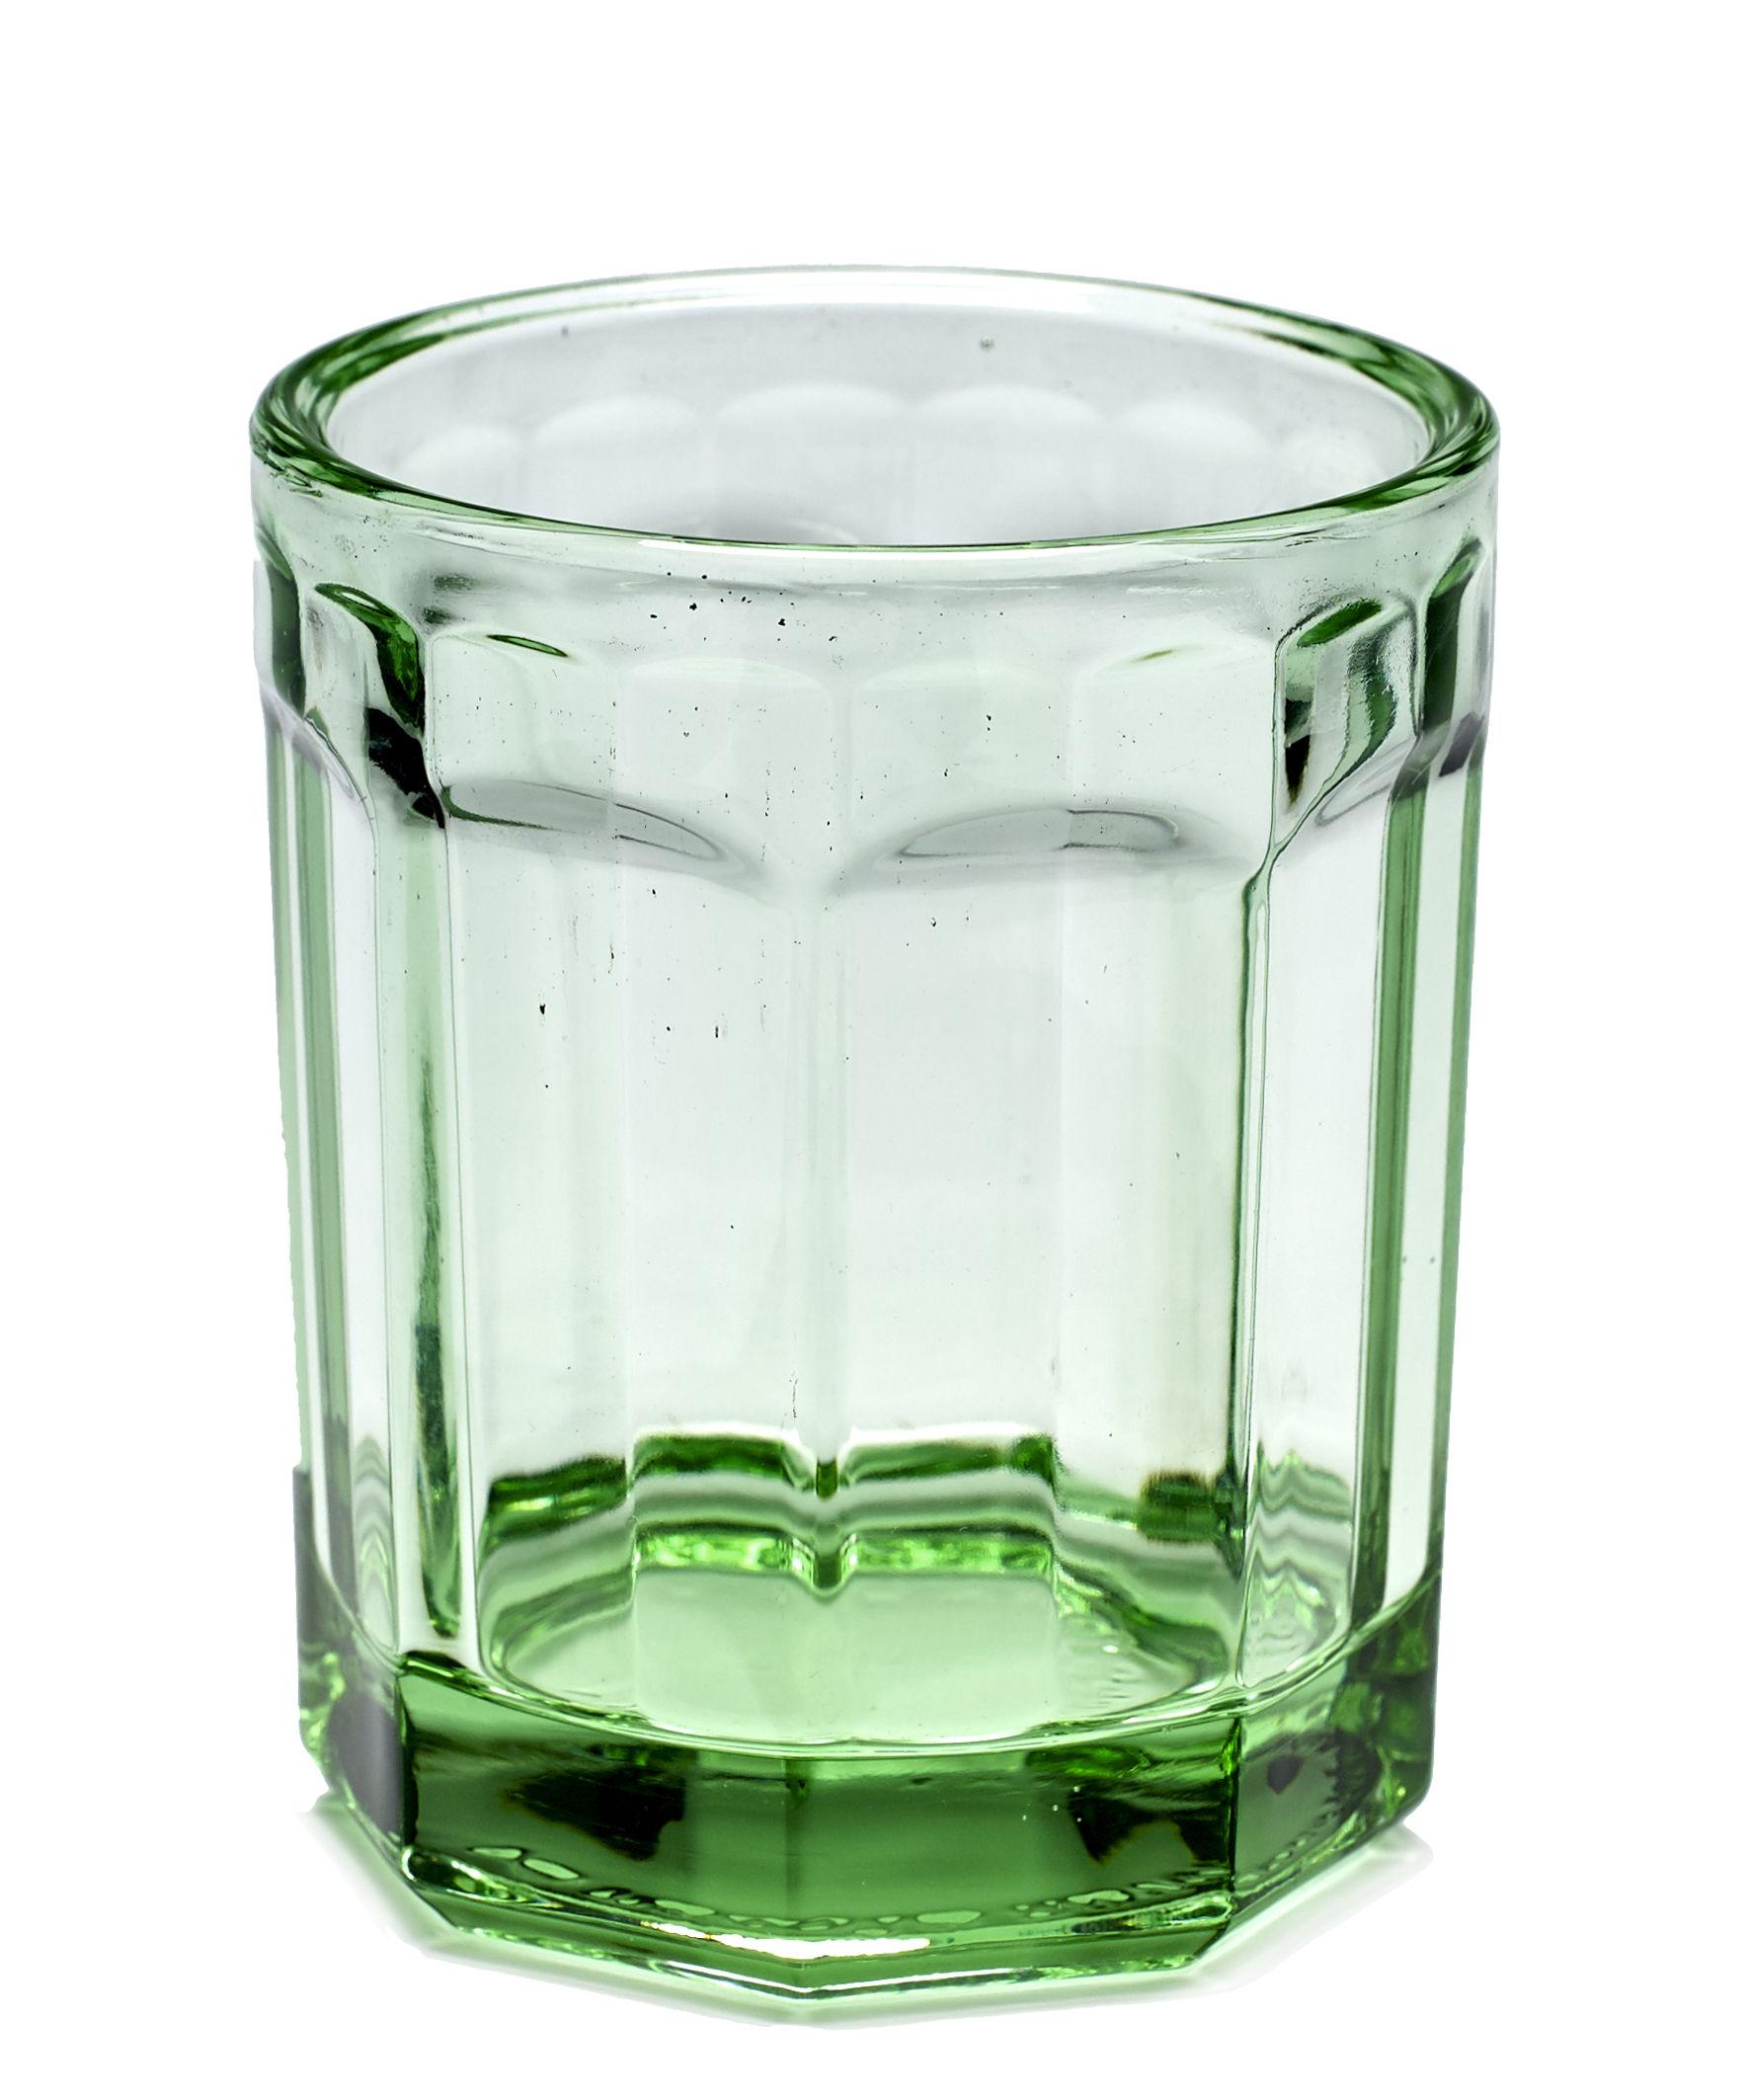 Tavola - Bicchieri  - Bicchiere Fish & Fish Medium / 22 cl - Serax - Verde trasparente - Vetro pressato